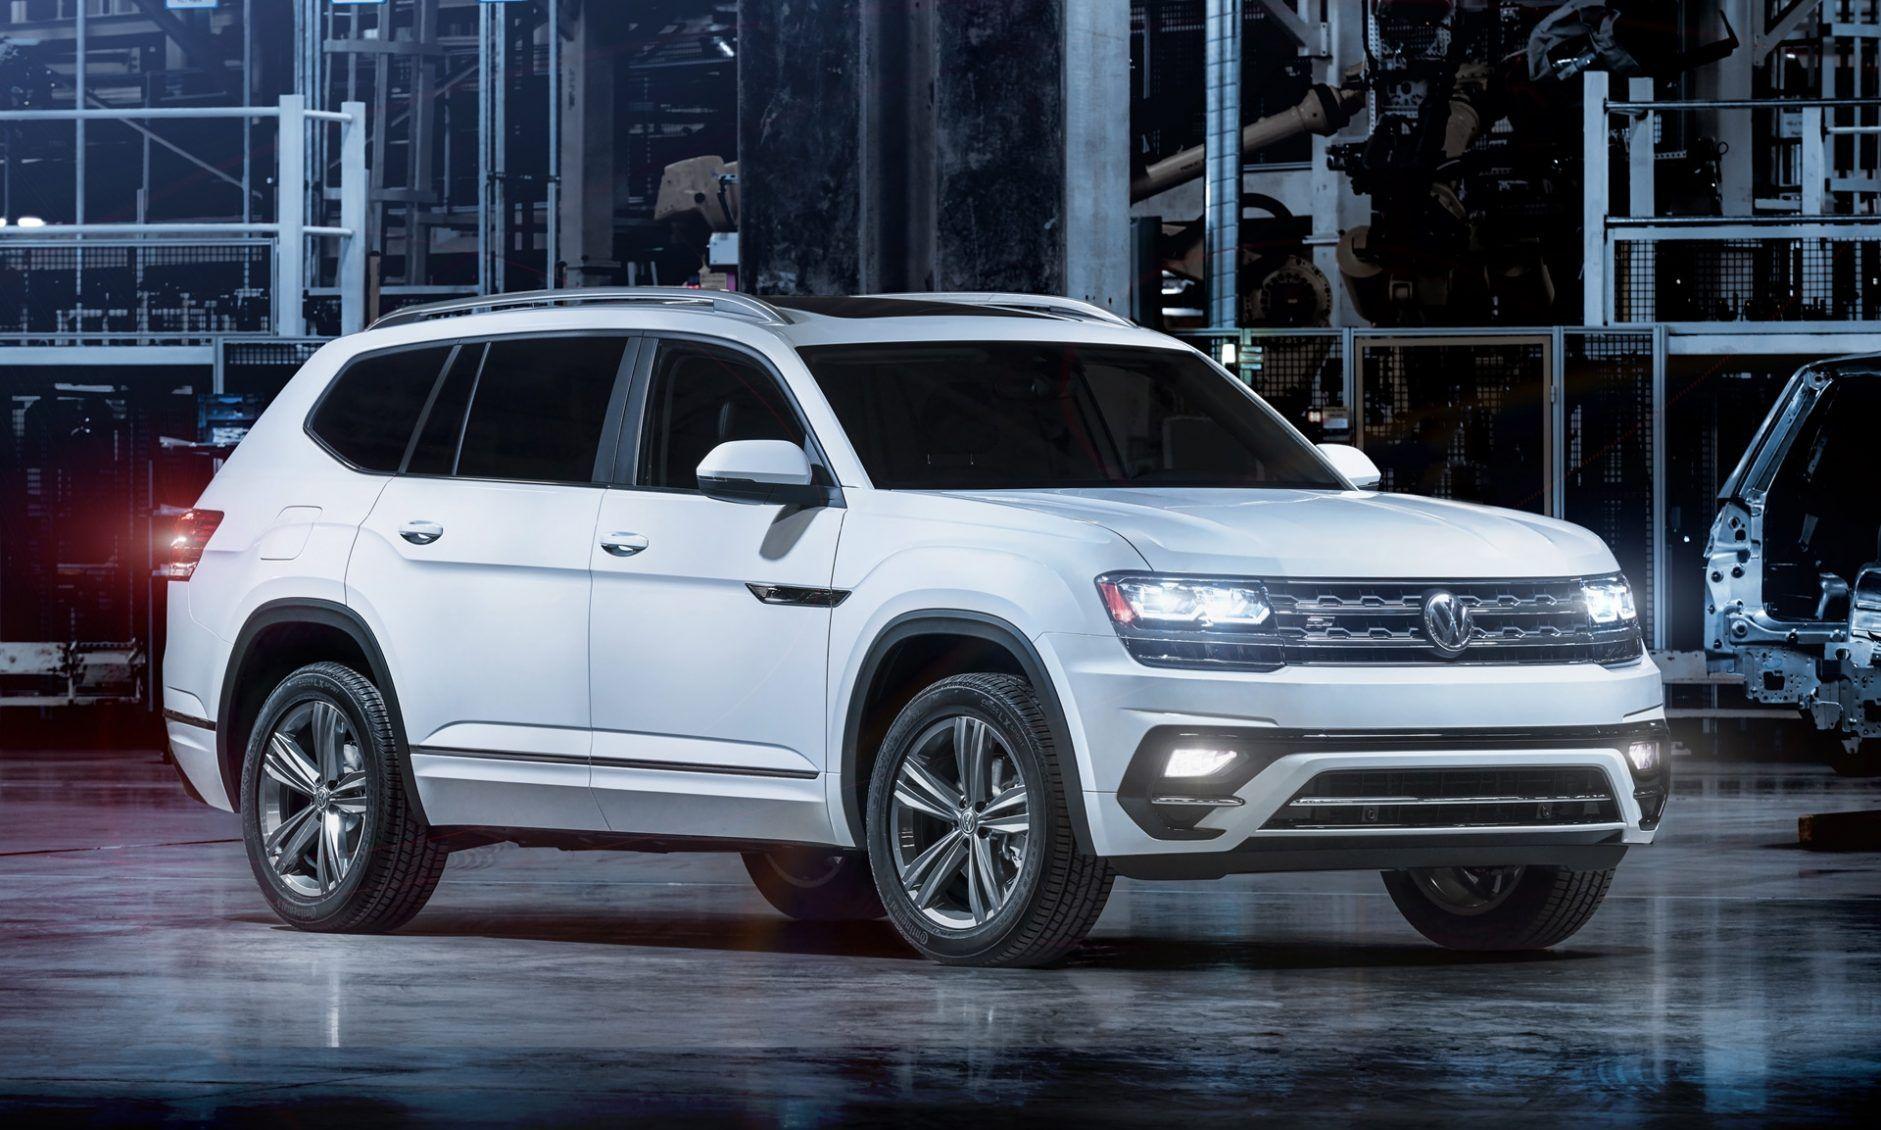 2020 Vw Atlas Review Interior Release Date Features Price Photos Volkswagen Touareg Best Midsize Suv Volkswagen